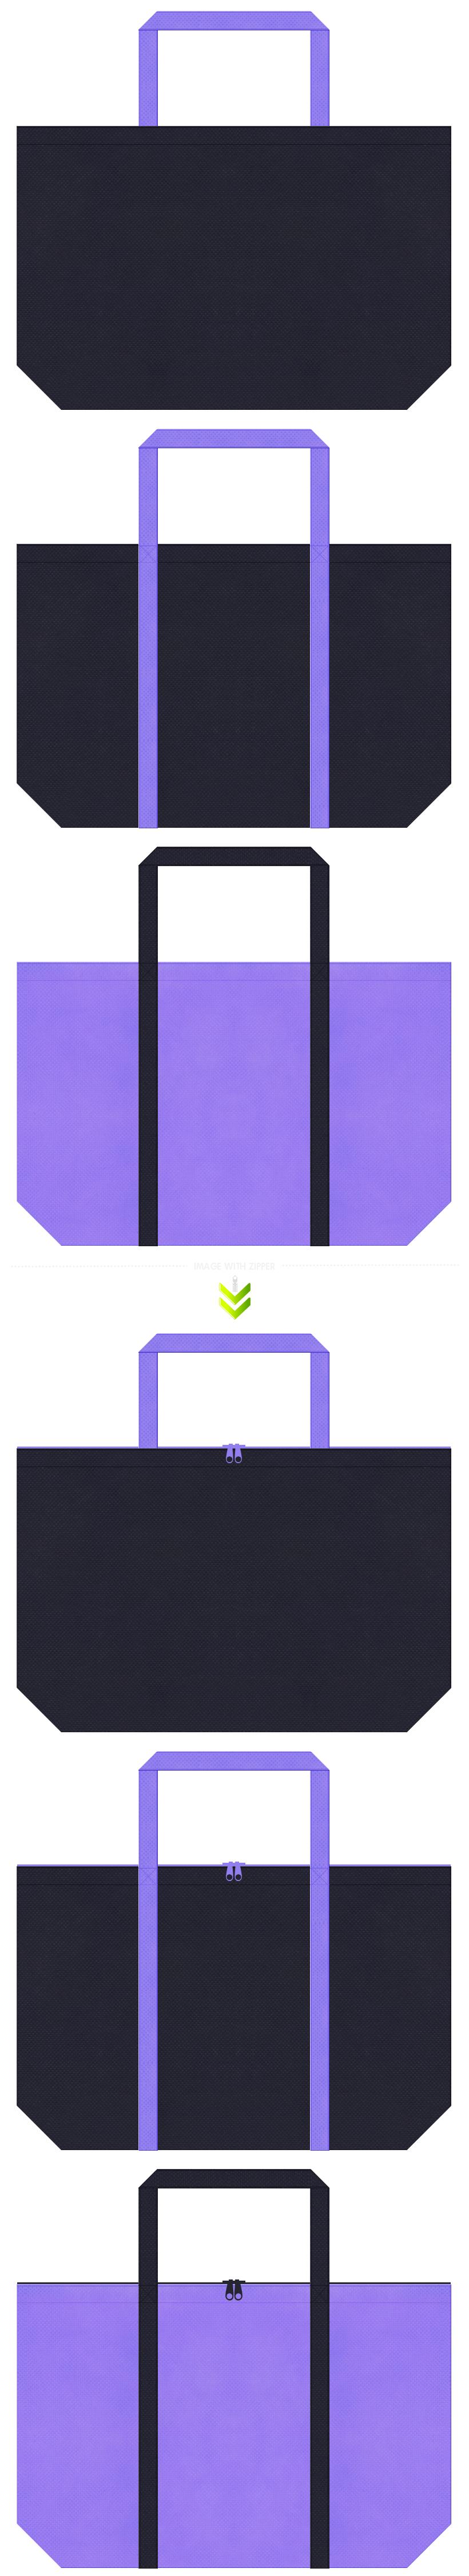 プラネタリウム・天体観測・星座・星占い・魔法・伝説・ギリシャ神話・ウィッグ・コスプレ・ゲームの展示会用バッグにお奨めの不織布バッグデザイン:濃紺色と薄紫色のコーデ